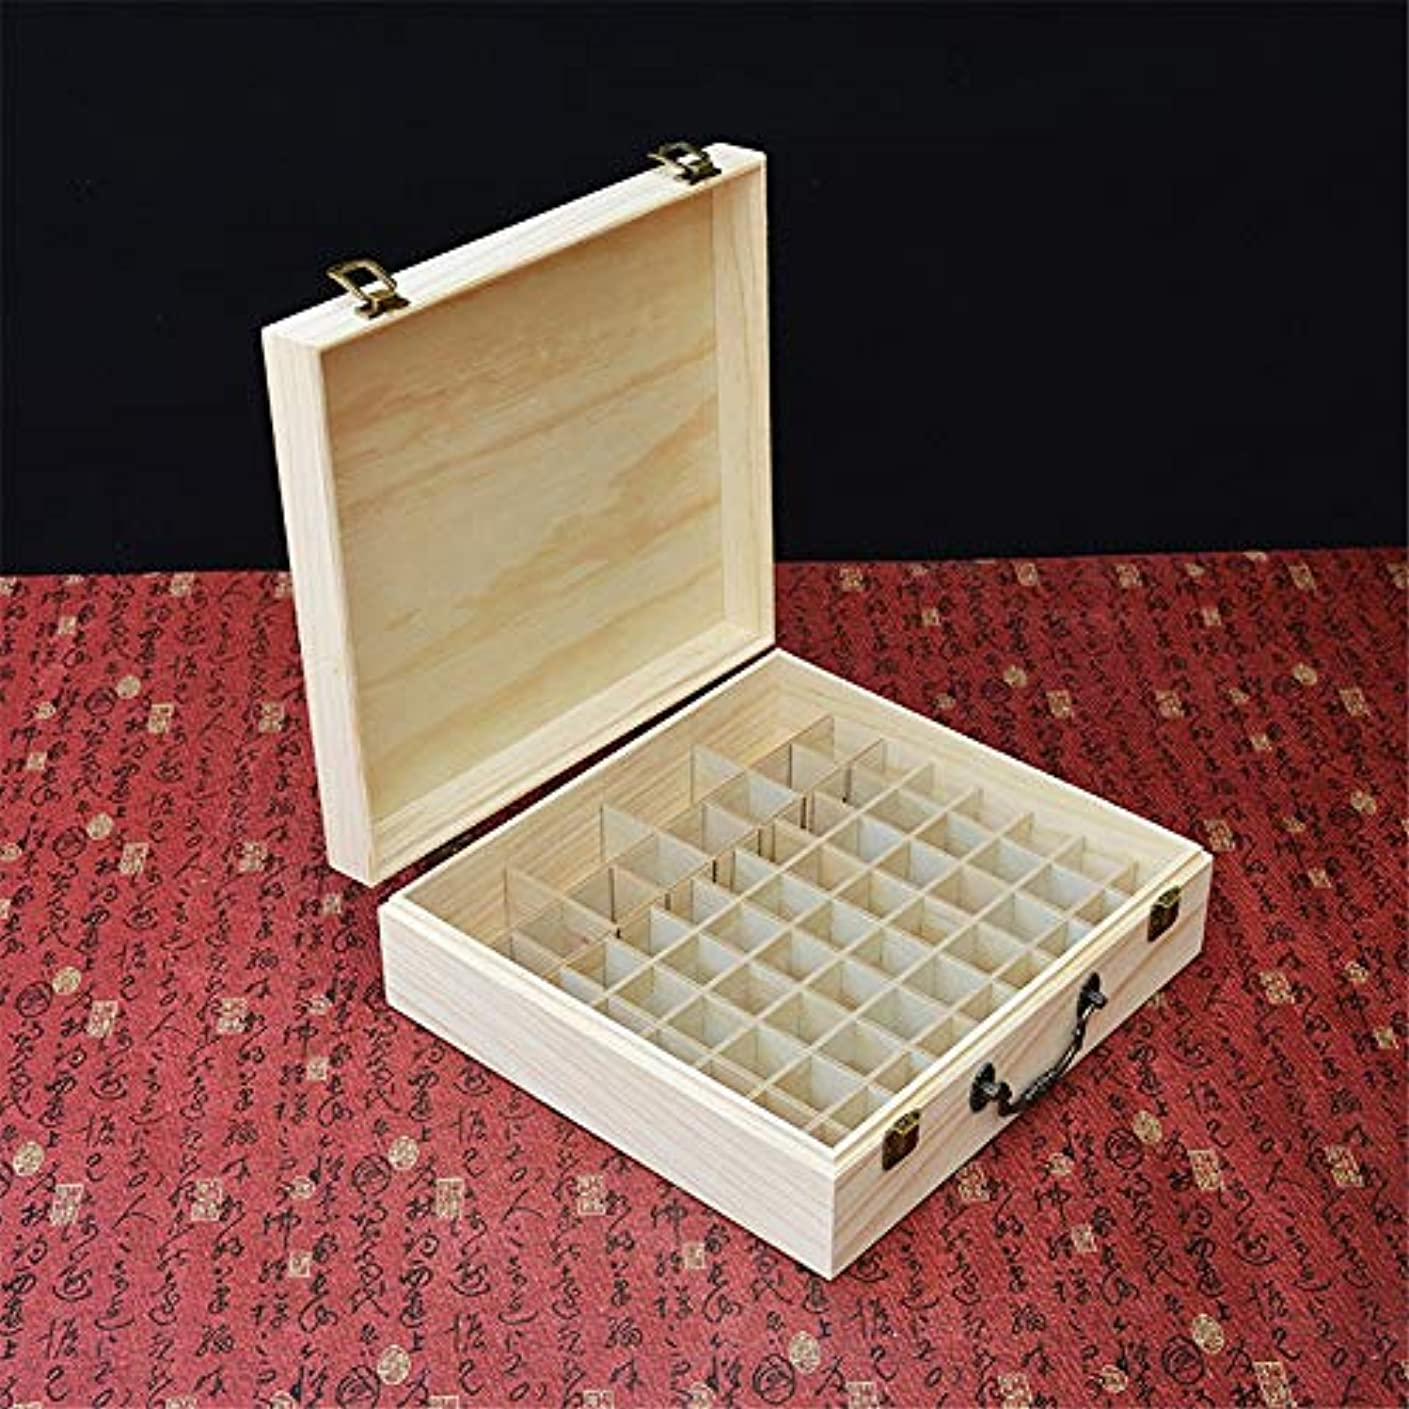 ロック解除聖人キノコ旅行やプレゼンテーションのために66スロット木製エッセンシャルオイルストレージボックスパーフェクト アロマセラピー製品 (色 : Natural, サイズ : 31.5X29X10CM)